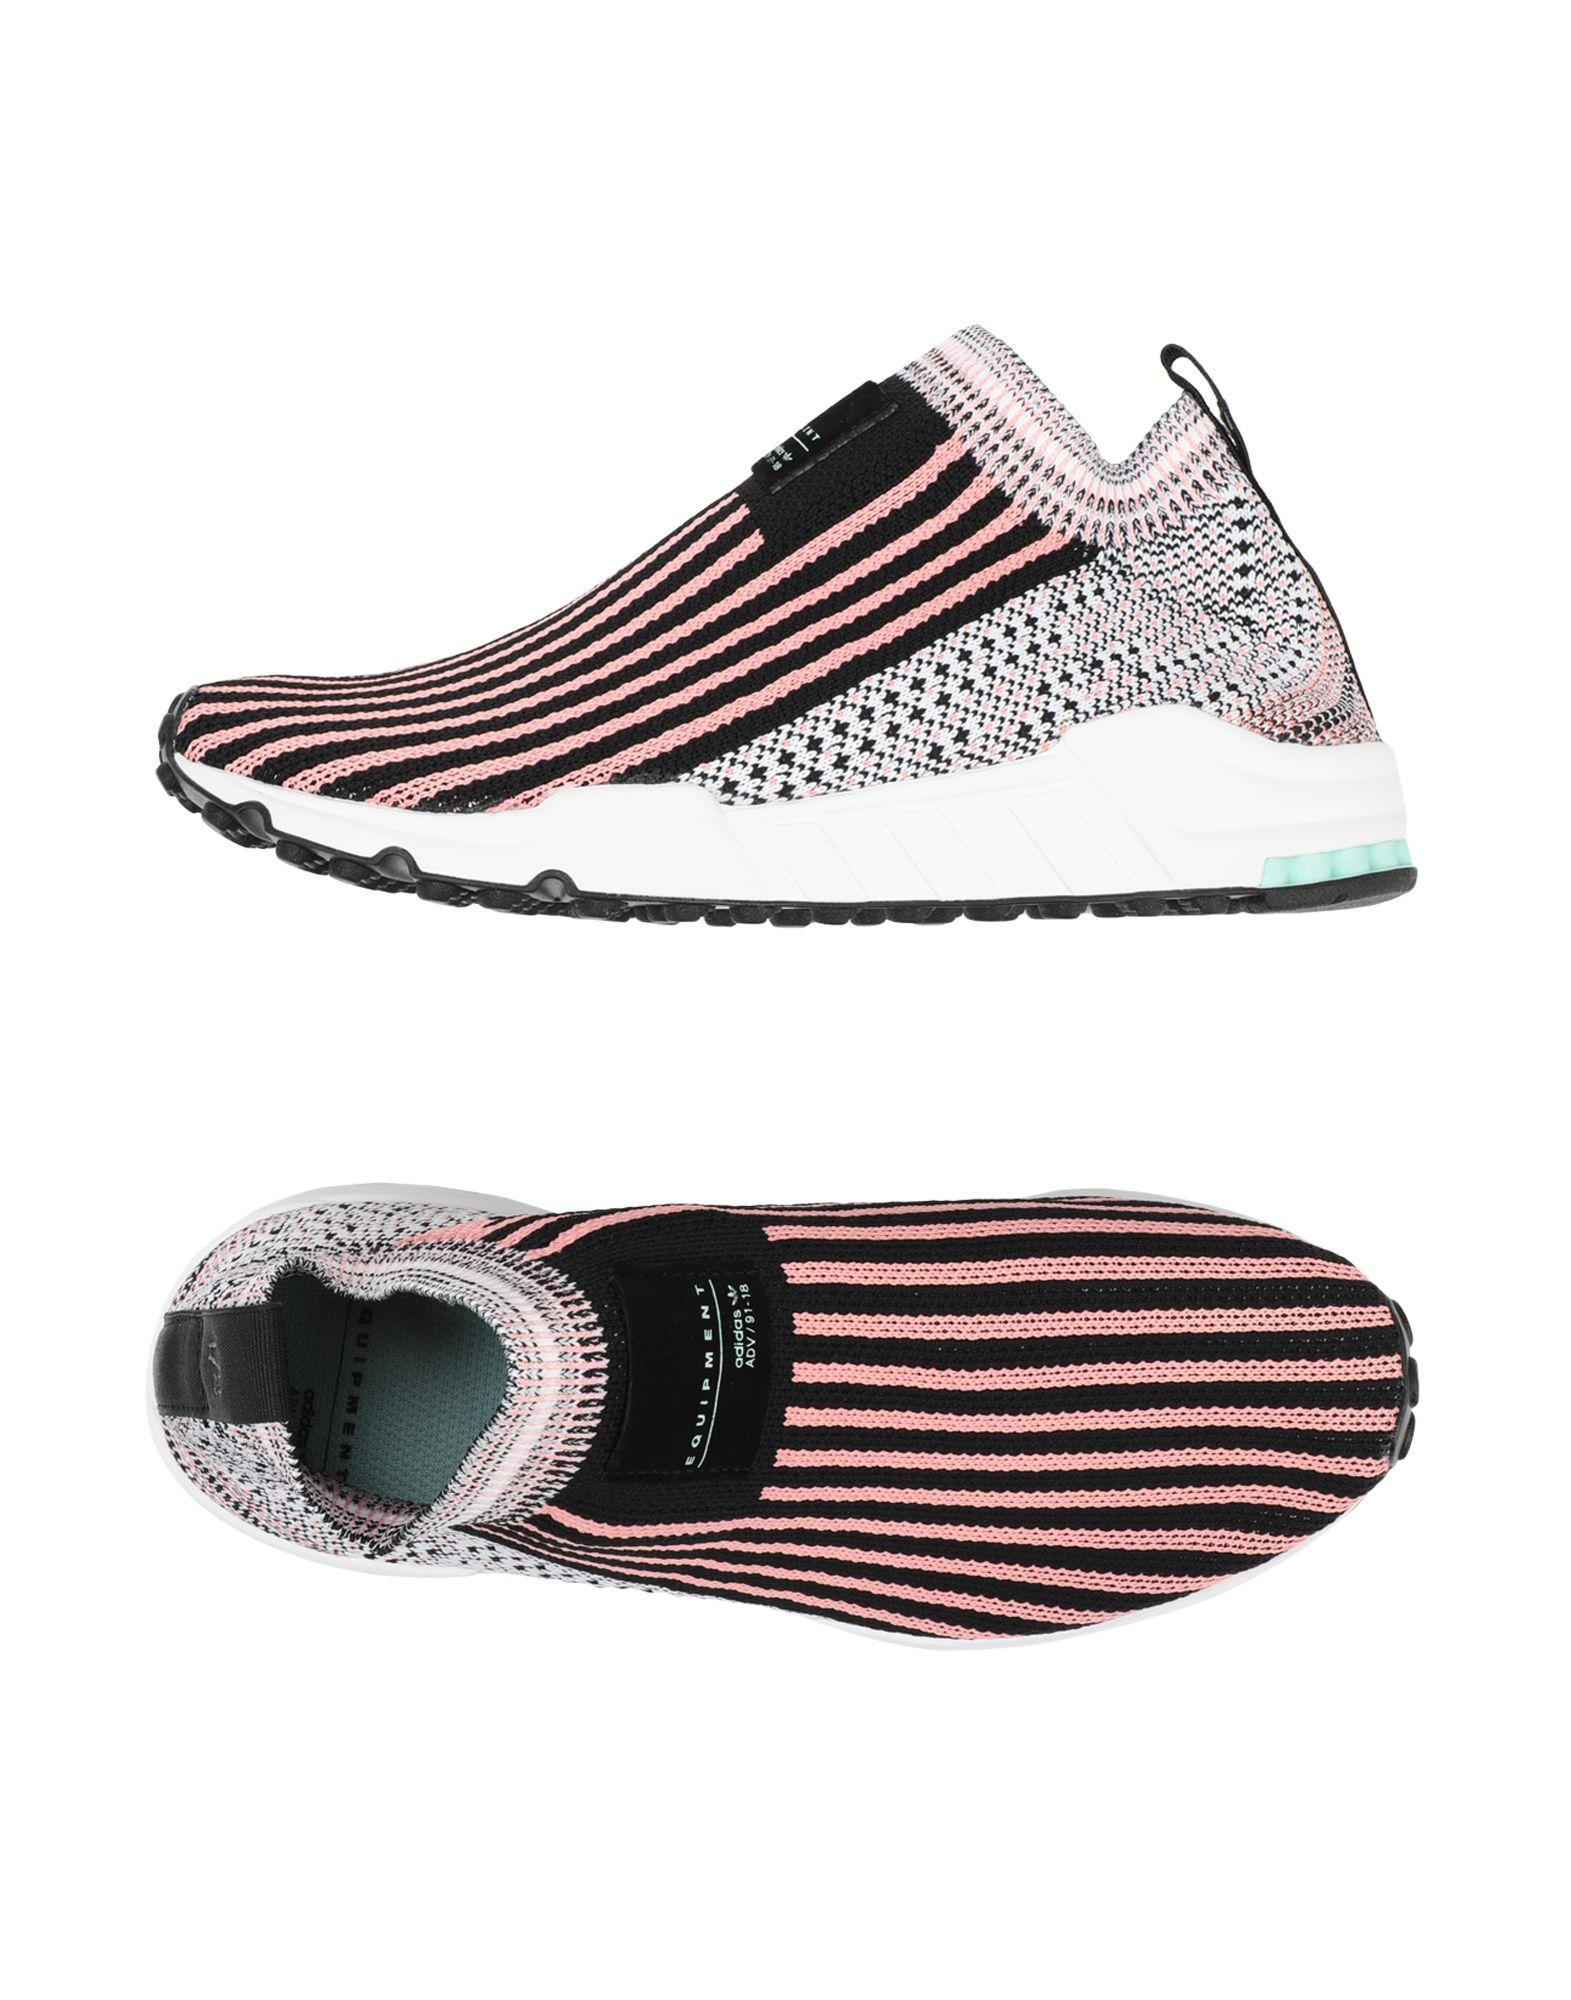 Baskets Adidas Originals Eqt Support Sk Pk W - Femme - Baskets Adidas Originals Noir Mode pas cher et belle